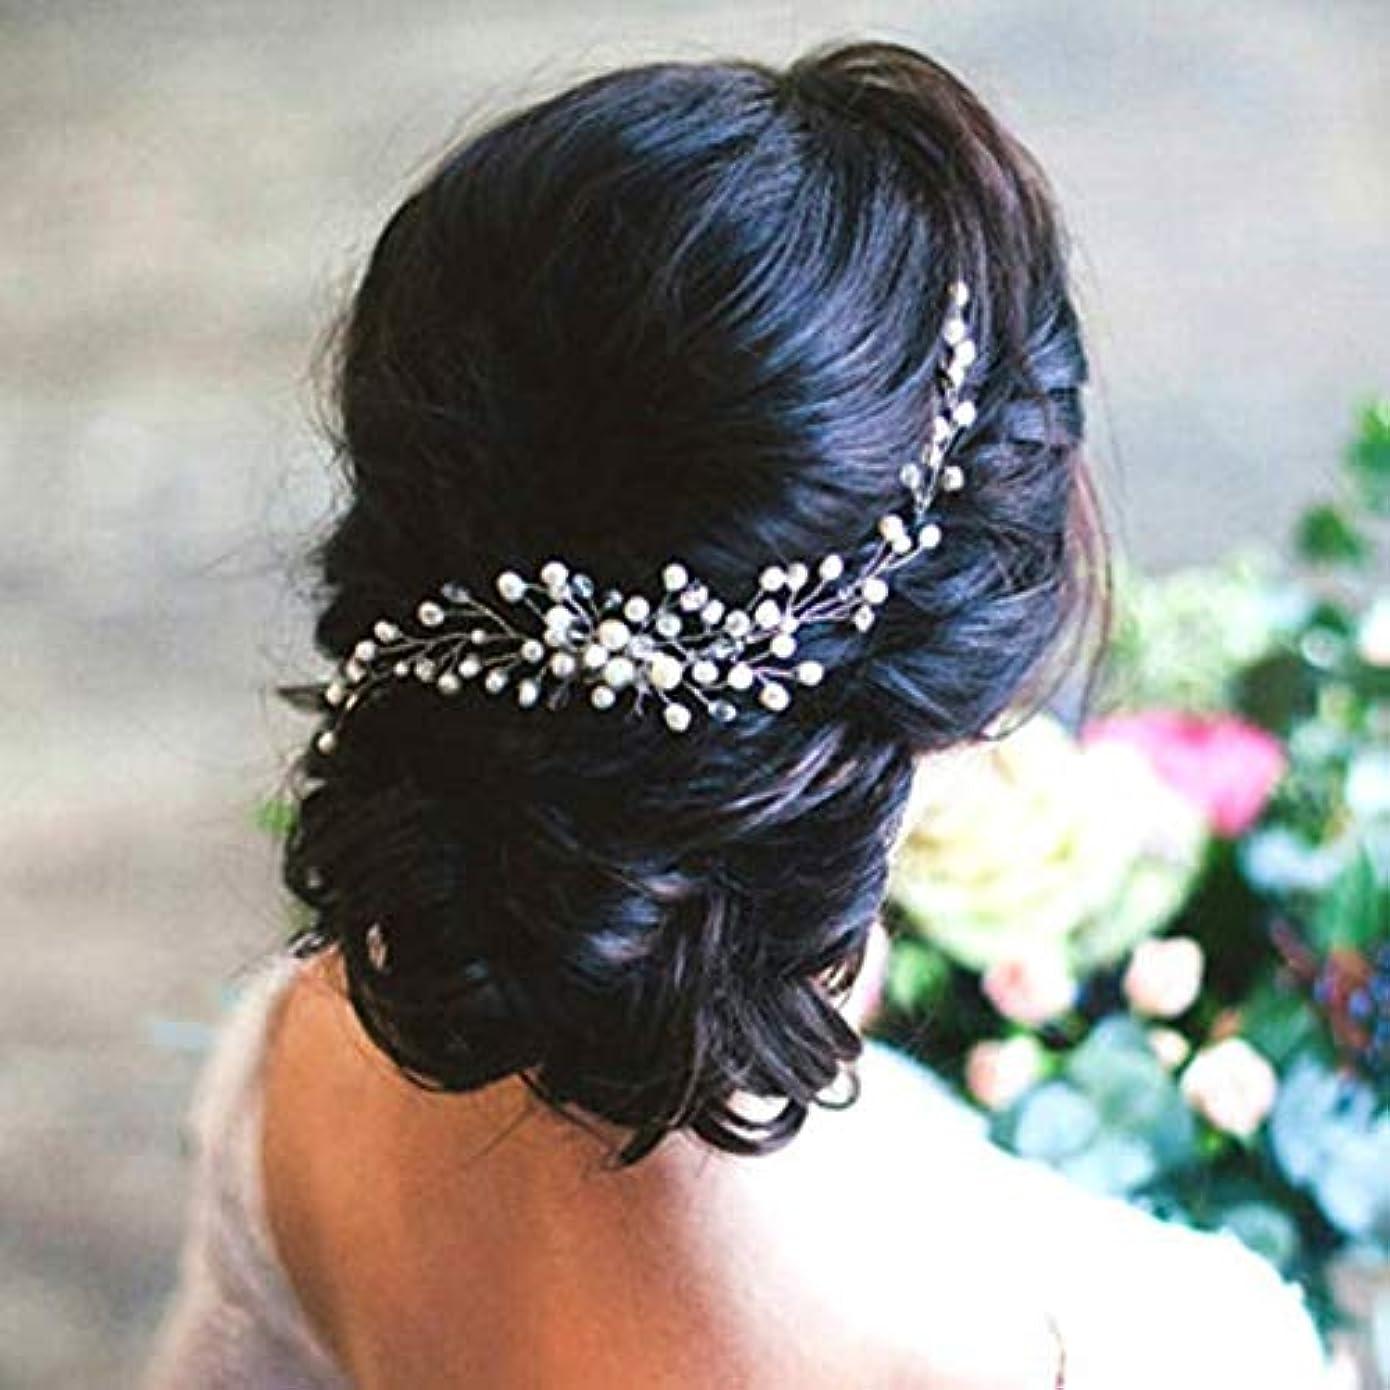 バタフライ層栄光Hairpinheair YHMブライダルヘア飾りファッションヘアウェアウェディングヘアアクセサリーコームヘッドピースヘッドドレスヘッド装飾ピン